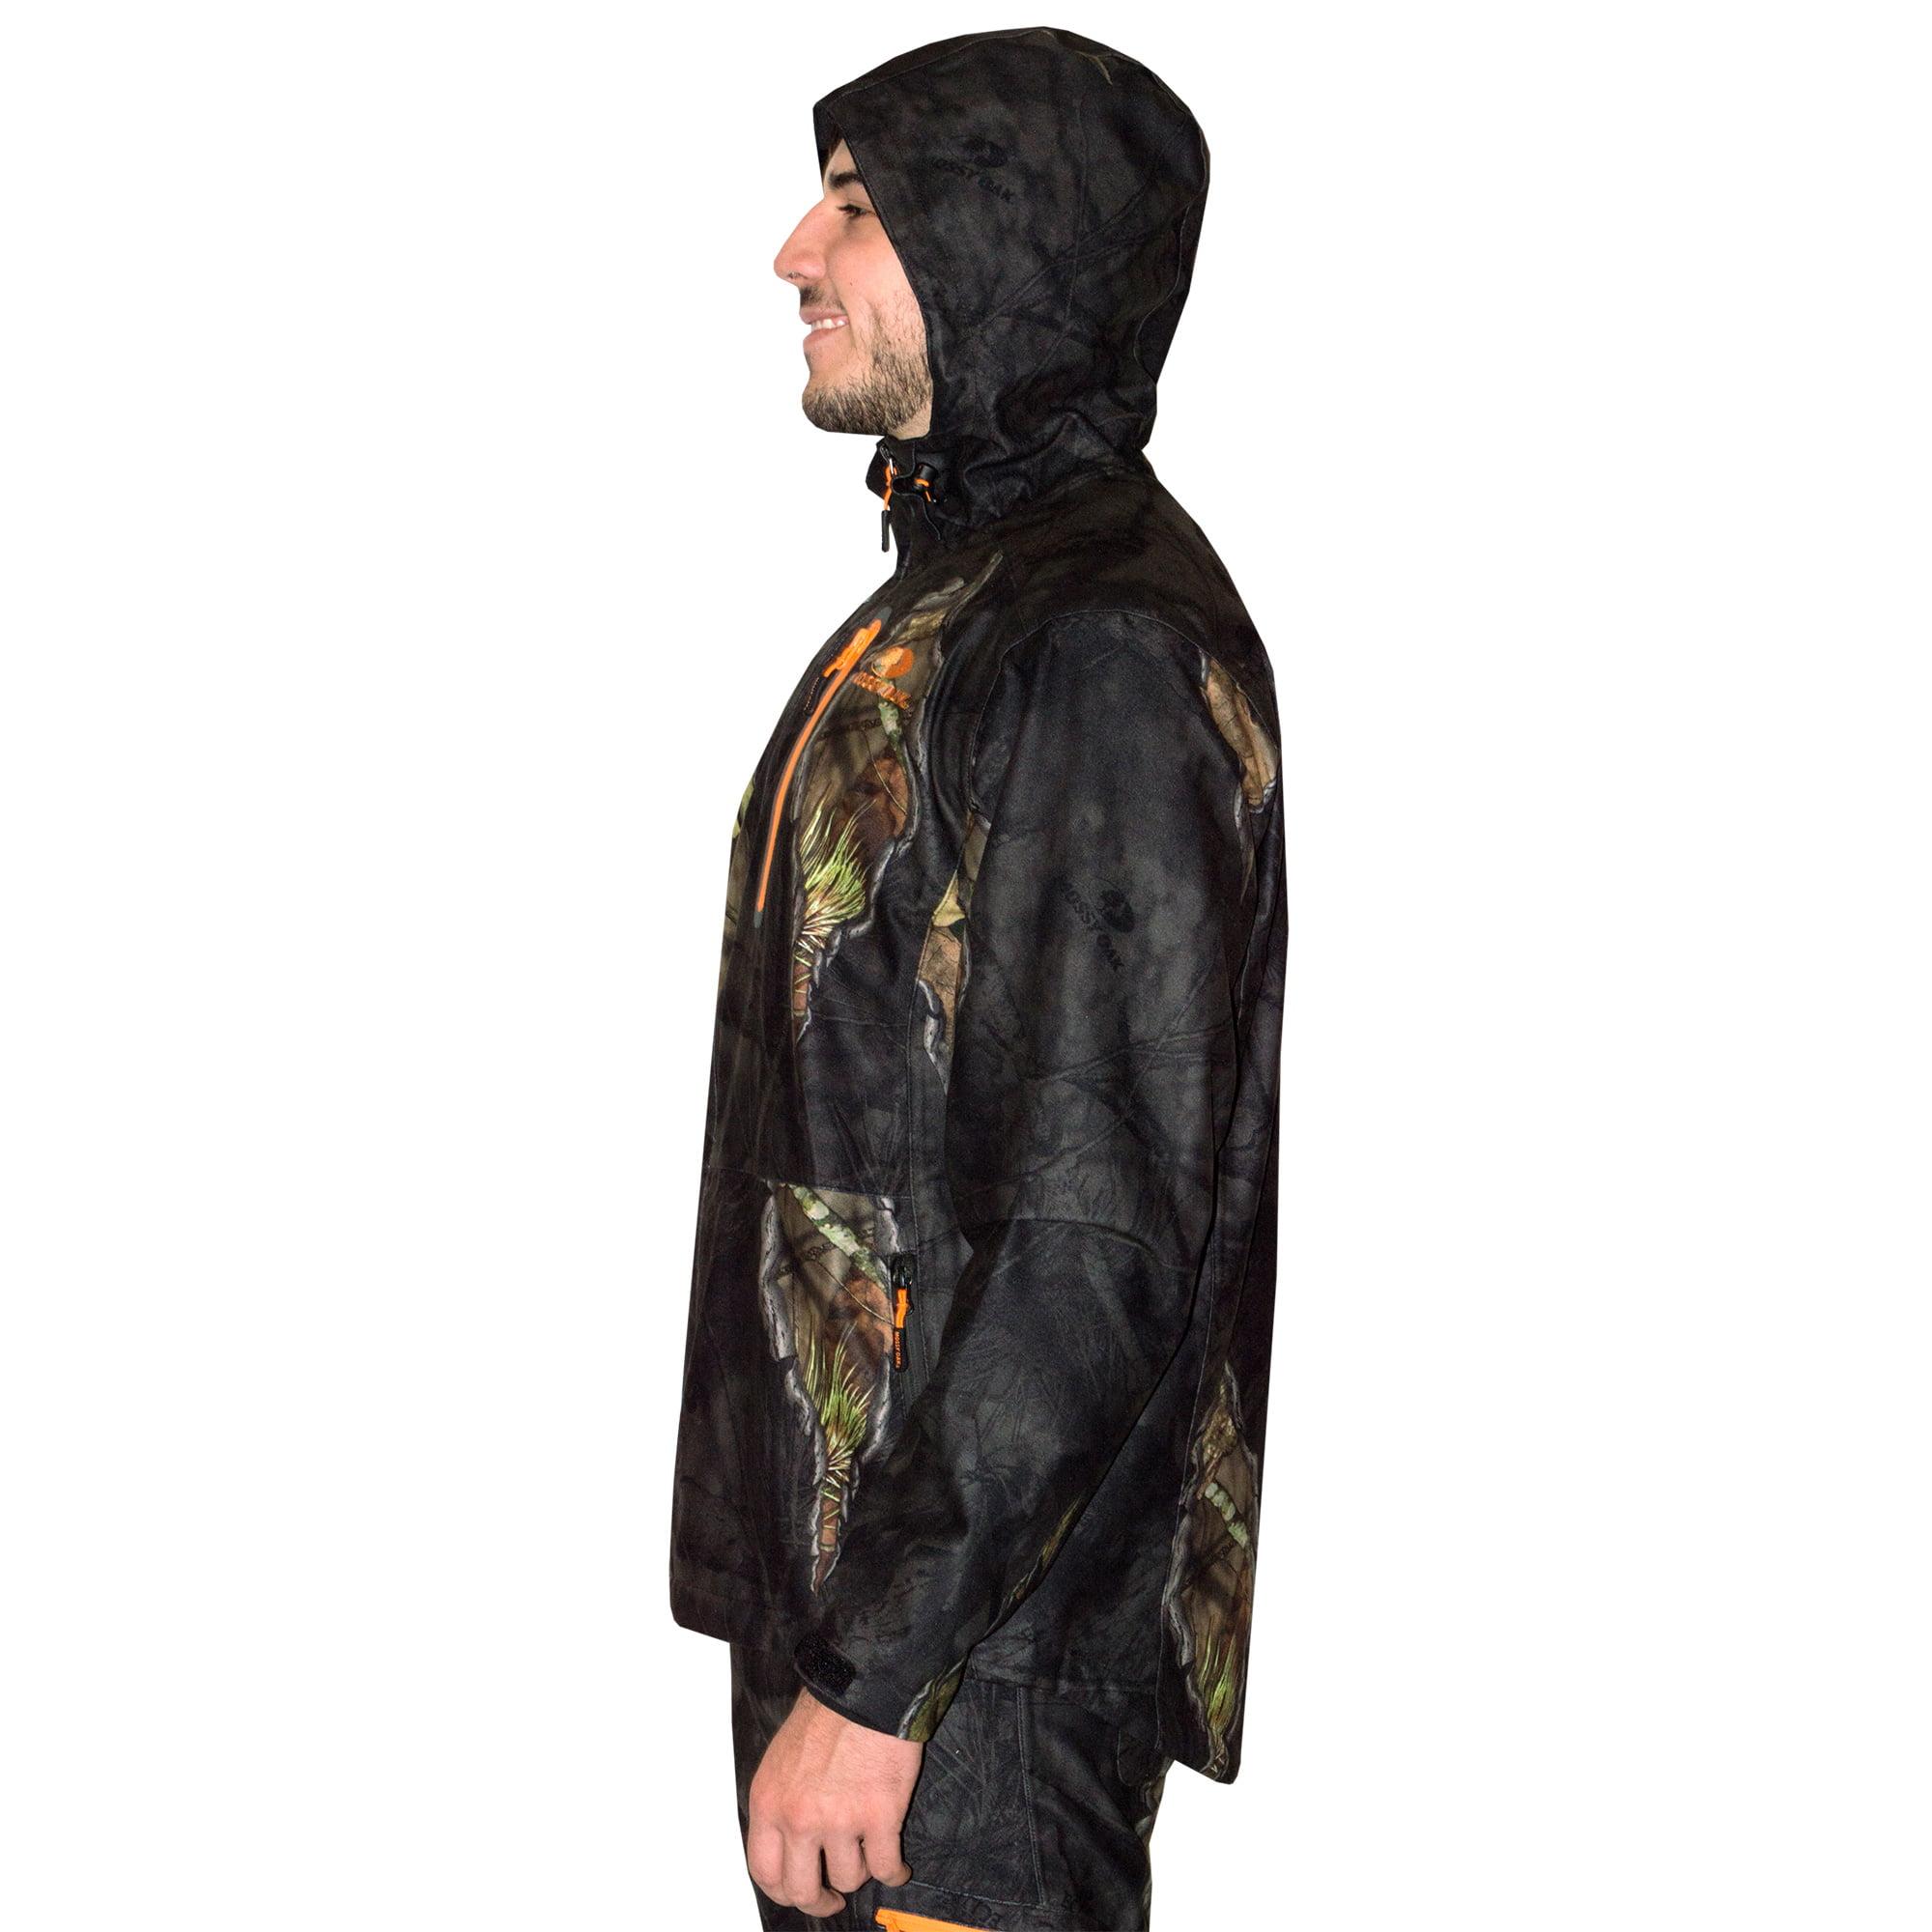 e80d7e5997558 Mossy Oak Eclipse Men's Scent Control Jacket - Walmart.com